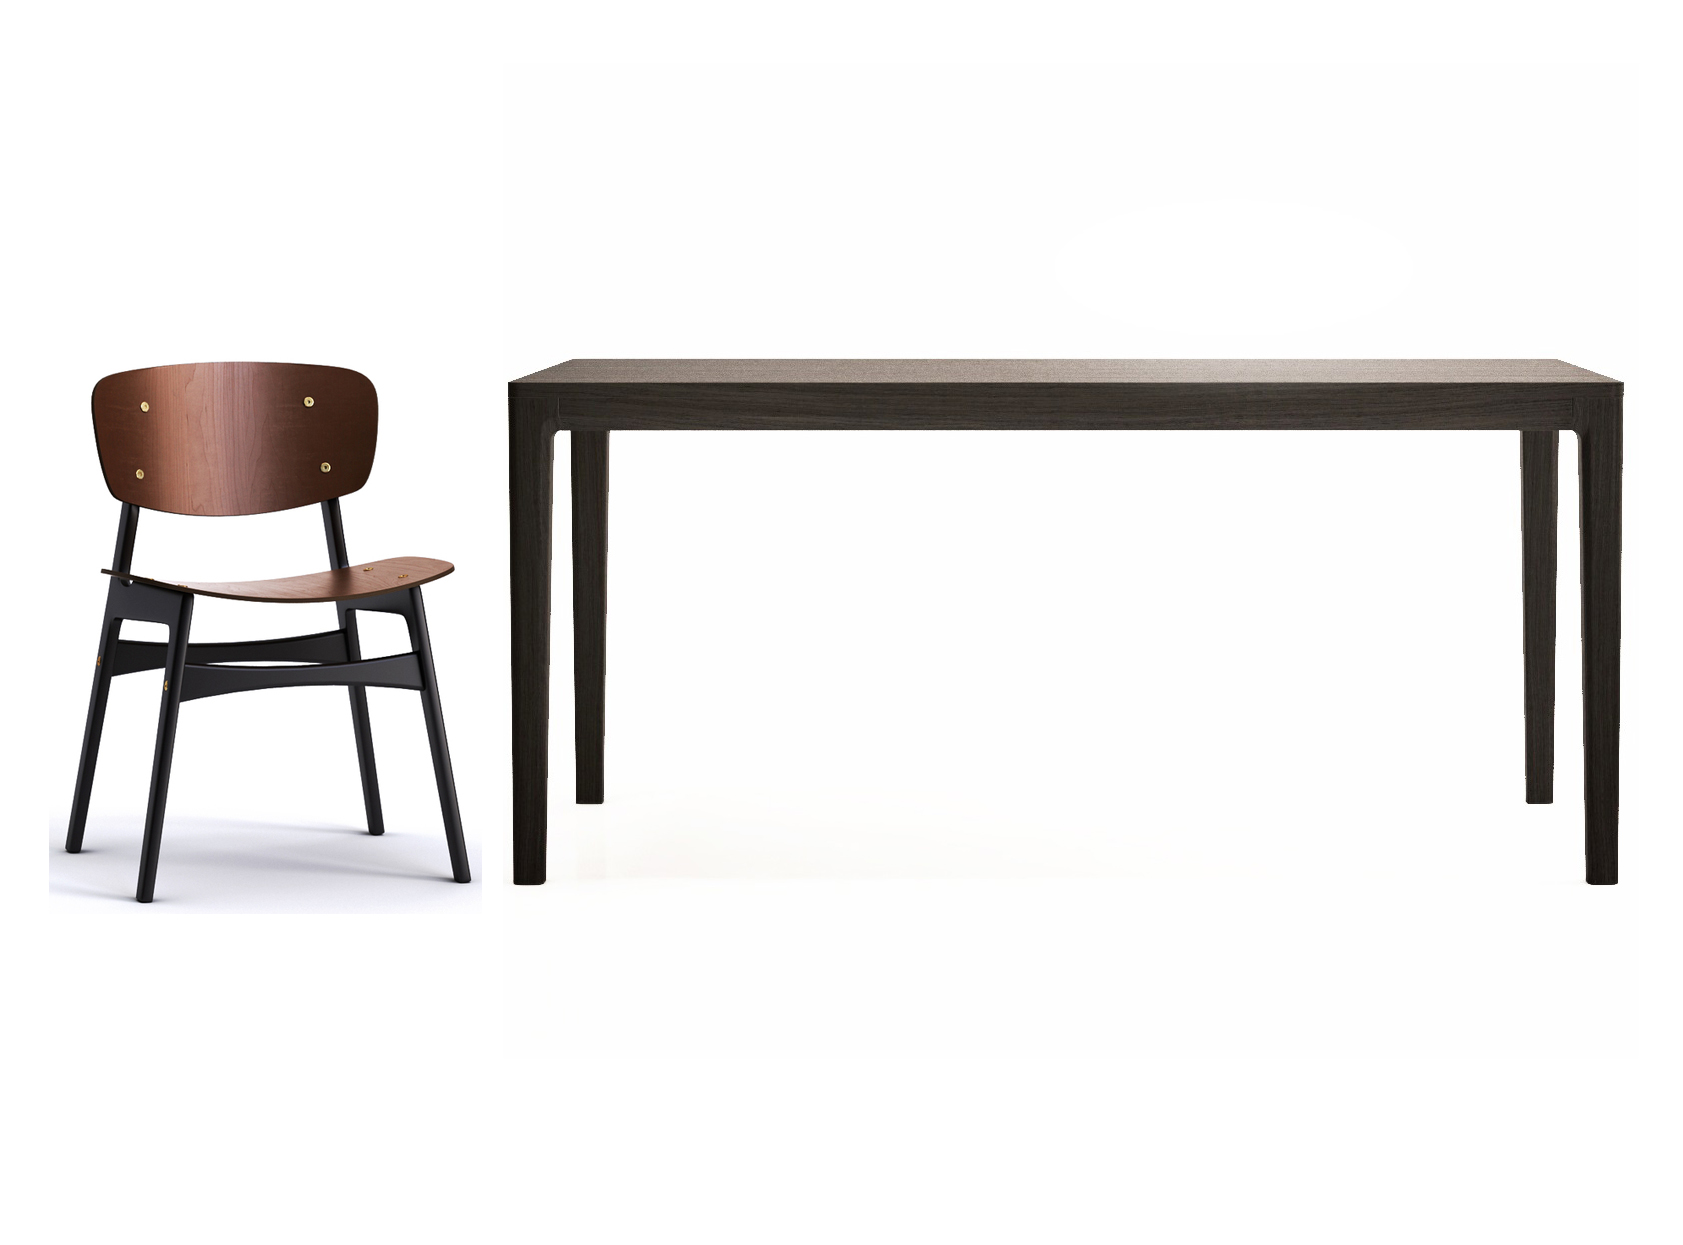 Обеденная группа Mavis (стол + 6 стула)Комплекты для столовой<br>&amp;lt;div&amp;gt;Обеденный стол представляет собой безупречный дизайн, элегантность и универсальность, а д&amp;lt;span style=&amp;quot;font-size: 14px;&amp;quot;&amp;gt;ействительно удобный стул Sid от известного российского производителя&amp;amp;nbsp;&amp;lt;/span&amp;gt;&amp;lt;span style=&amp;quot;font-size: 14px;&amp;quot;&amp;gt;&amp;amp;nbsp;&amp;lt;/span&amp;gt;&amp;lt;span style=&amp;quot;font-size: 14px;&amp;quot;&amp;gt;выглядит лаконично и стильно.&amp;lt;/span&amp;gt;&amp;lt;span style=&amp;quot;font-size: 14px;&amp;quot;&amp;gt;&amp;amp;nbsp;Благодаря своему внешнему минимализму комплект Mavis отлично впишется в интерьер кухни, столовой или офиса.&amp;lt;/span&amp;gt;&amp;lt;/div&amp;gt;&amp;lt;div&amp;gt;&amp;lt;br&amp;gt;&amp;lt;/div&amp;gt;&amp;lt;div&amp;gt;Размеры стола: 160х80х75&amp;lt;/div&amp;gt;&amp;lt;div&amp;gt;Материалы стола: дуб&amp;lt;/div&amp;gt;&amp;lt;div&amp;gt;&amp;lt;span style=&amp;quot;font-size: 14px;&amp;quot;&amp;gt;Стол доступен в пяти видах отделки: светлый дуб, темный дуб, дуб венге, беленый дуб, дуб орех.&amp;lt;/span&amp;gt;&amp;lt;br&amp;gt;&amp;lt;/div&amp;gt;&amp;lt;div&amp;gt;&amp;lt;span style=&amp;quot;font-size: 14px;&amp;quot;&amp;gt;&amp;lt;br&amp;gt;&amp;lt;/span&amp;gt;&amp;lt;/div&amp;gt;&amp;lt;div&amp;gt;Размеры стула: 54х78х46&amp;lt;/div&amp;gt;&amp;lt;div&amp;gt;Материалы стула: дерево&amp;lt;/div&amp;gt;&amp;lt;div&amp;gt;&amp;lt;br&amp;gt;&amp;lt;/div&amp;gt;&amp;lt;div&amp;gt;&amp;lt;br&amp;gt;&amp;lt;/div&amp;gt;&amp;lt;div&amp;gt;&amp;lt;br&amp;gt;&amp;lt;/div&amp;gt;&amp;lt;div&amp;gt;&amp;lt;br&amp;gt;&amp;lt;/div&amp;gt;<br><br>Material: Дуб<br>Length см: None<br>Width см: 160<br>Depth см: 75<br>Height см: 80